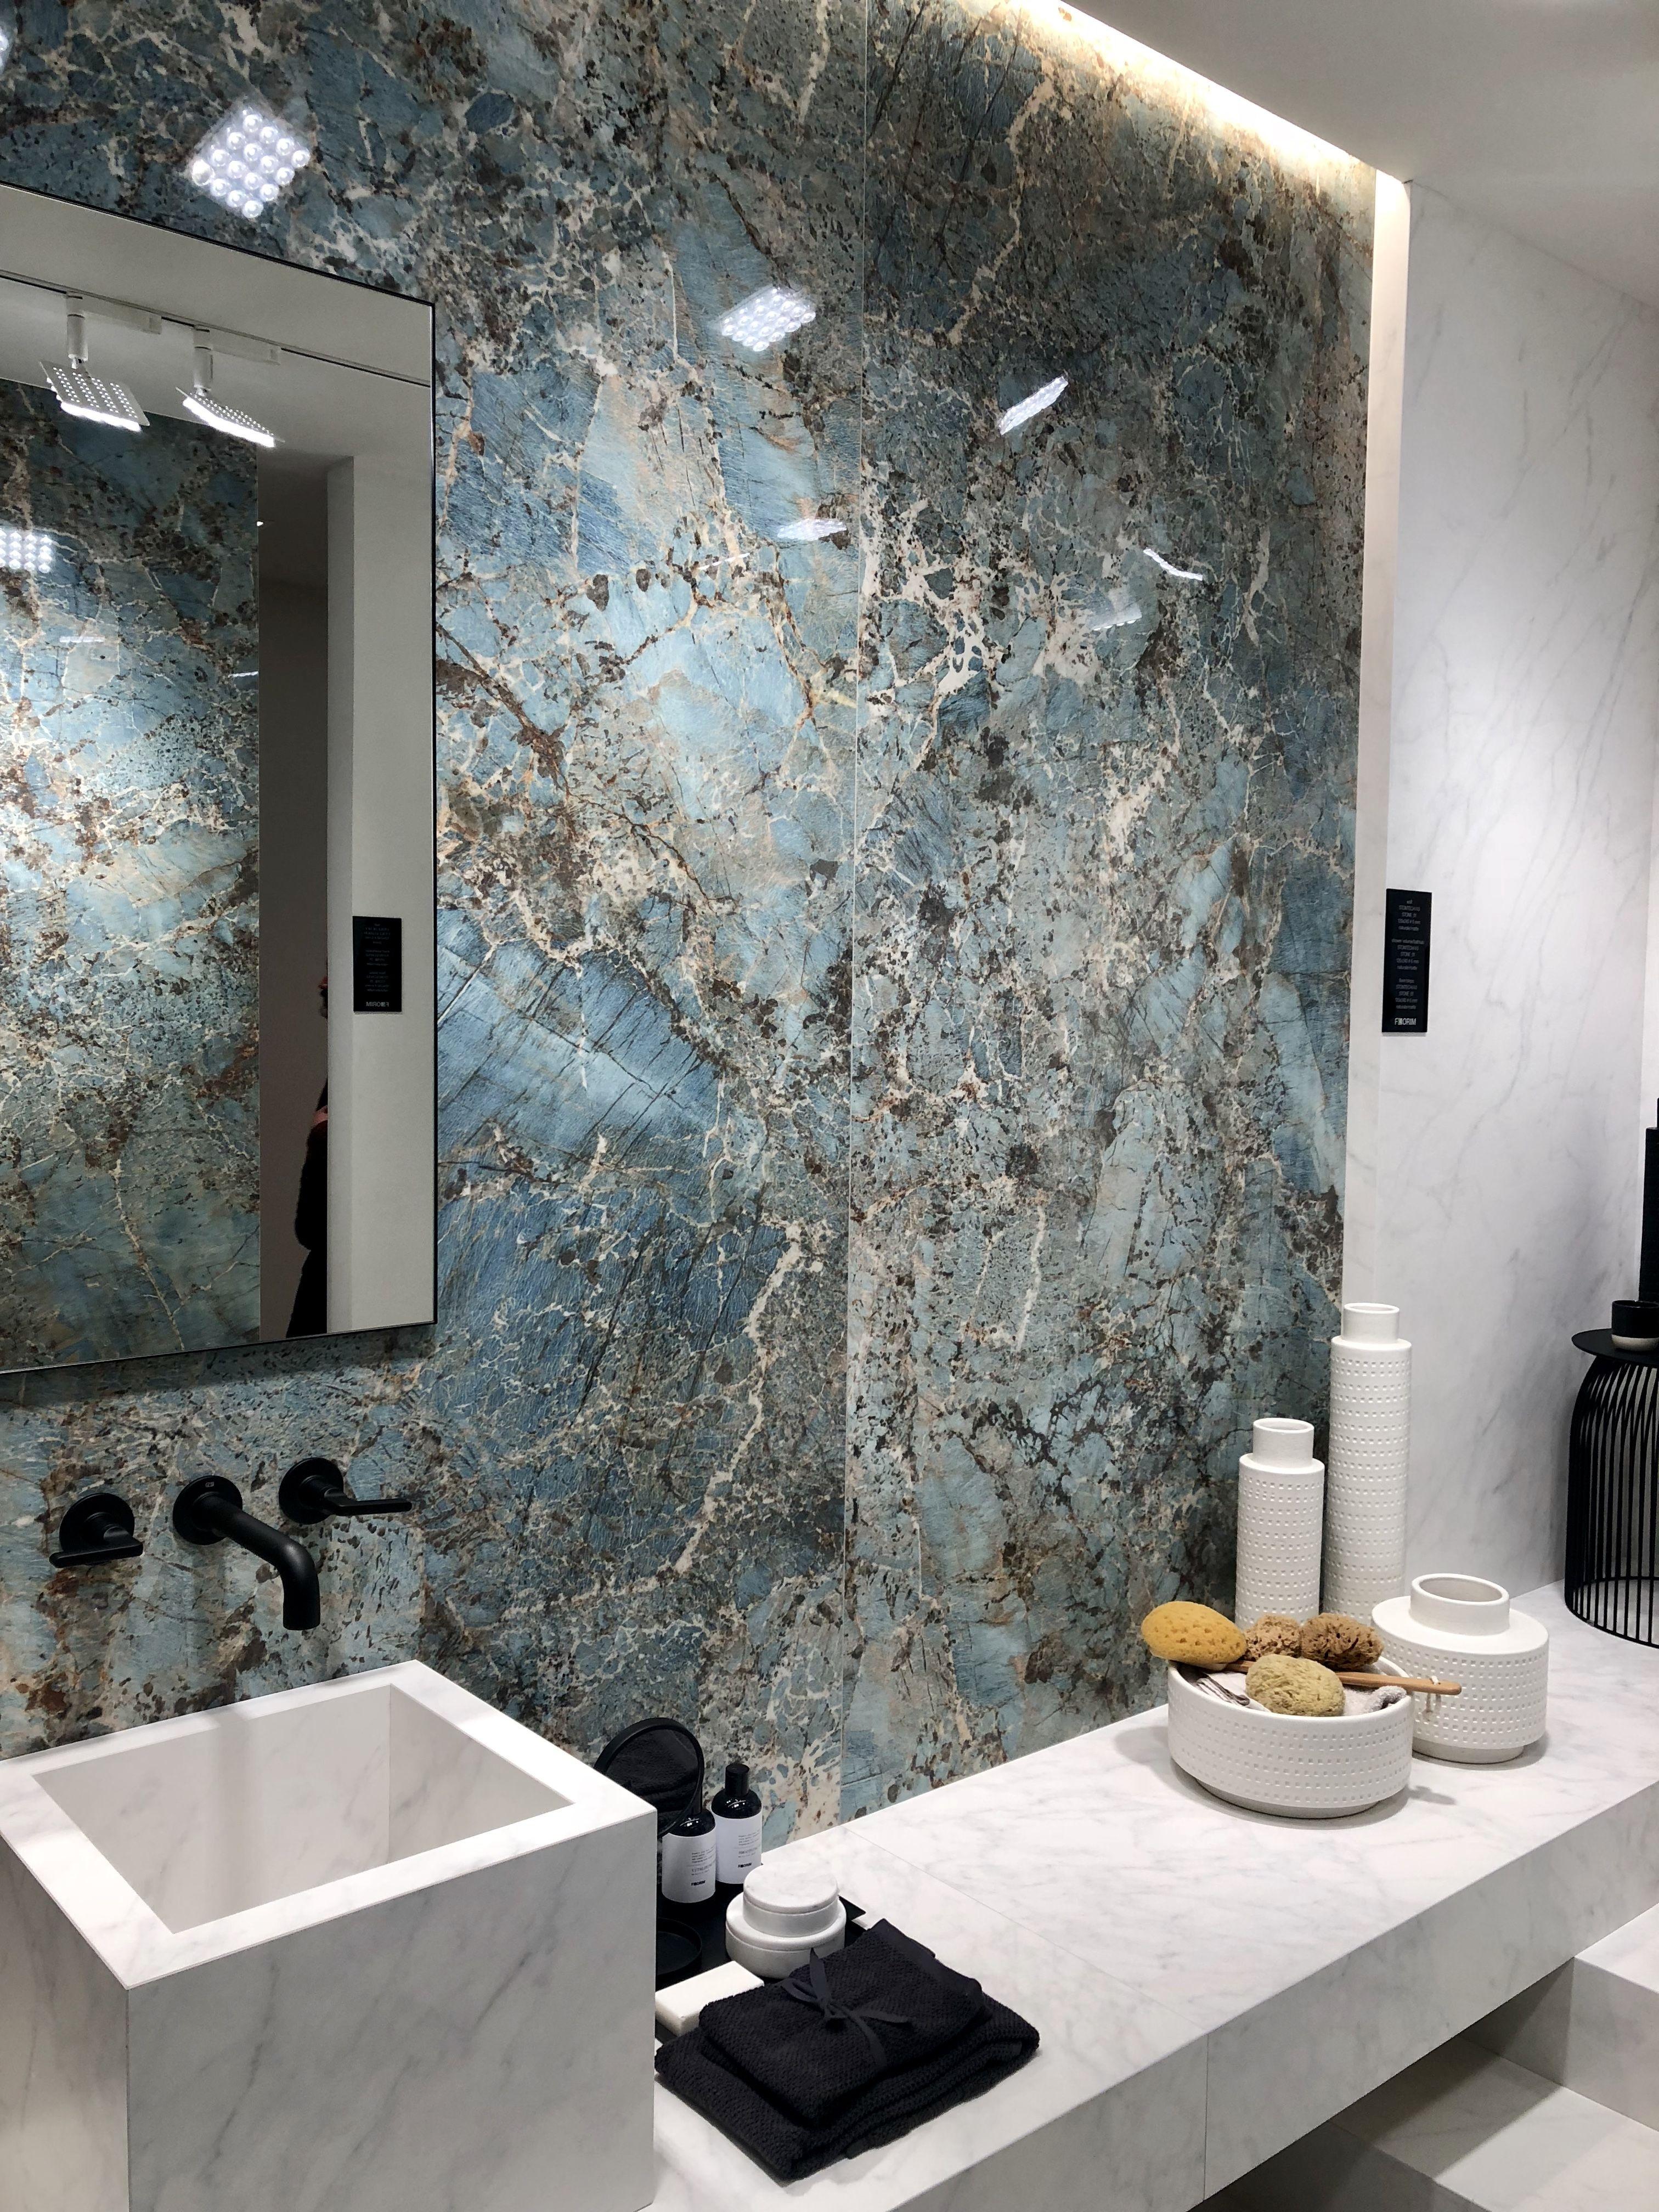 Carrelage imitation marbre bleu nouveauté pour 2019 au salon Cersaie ...